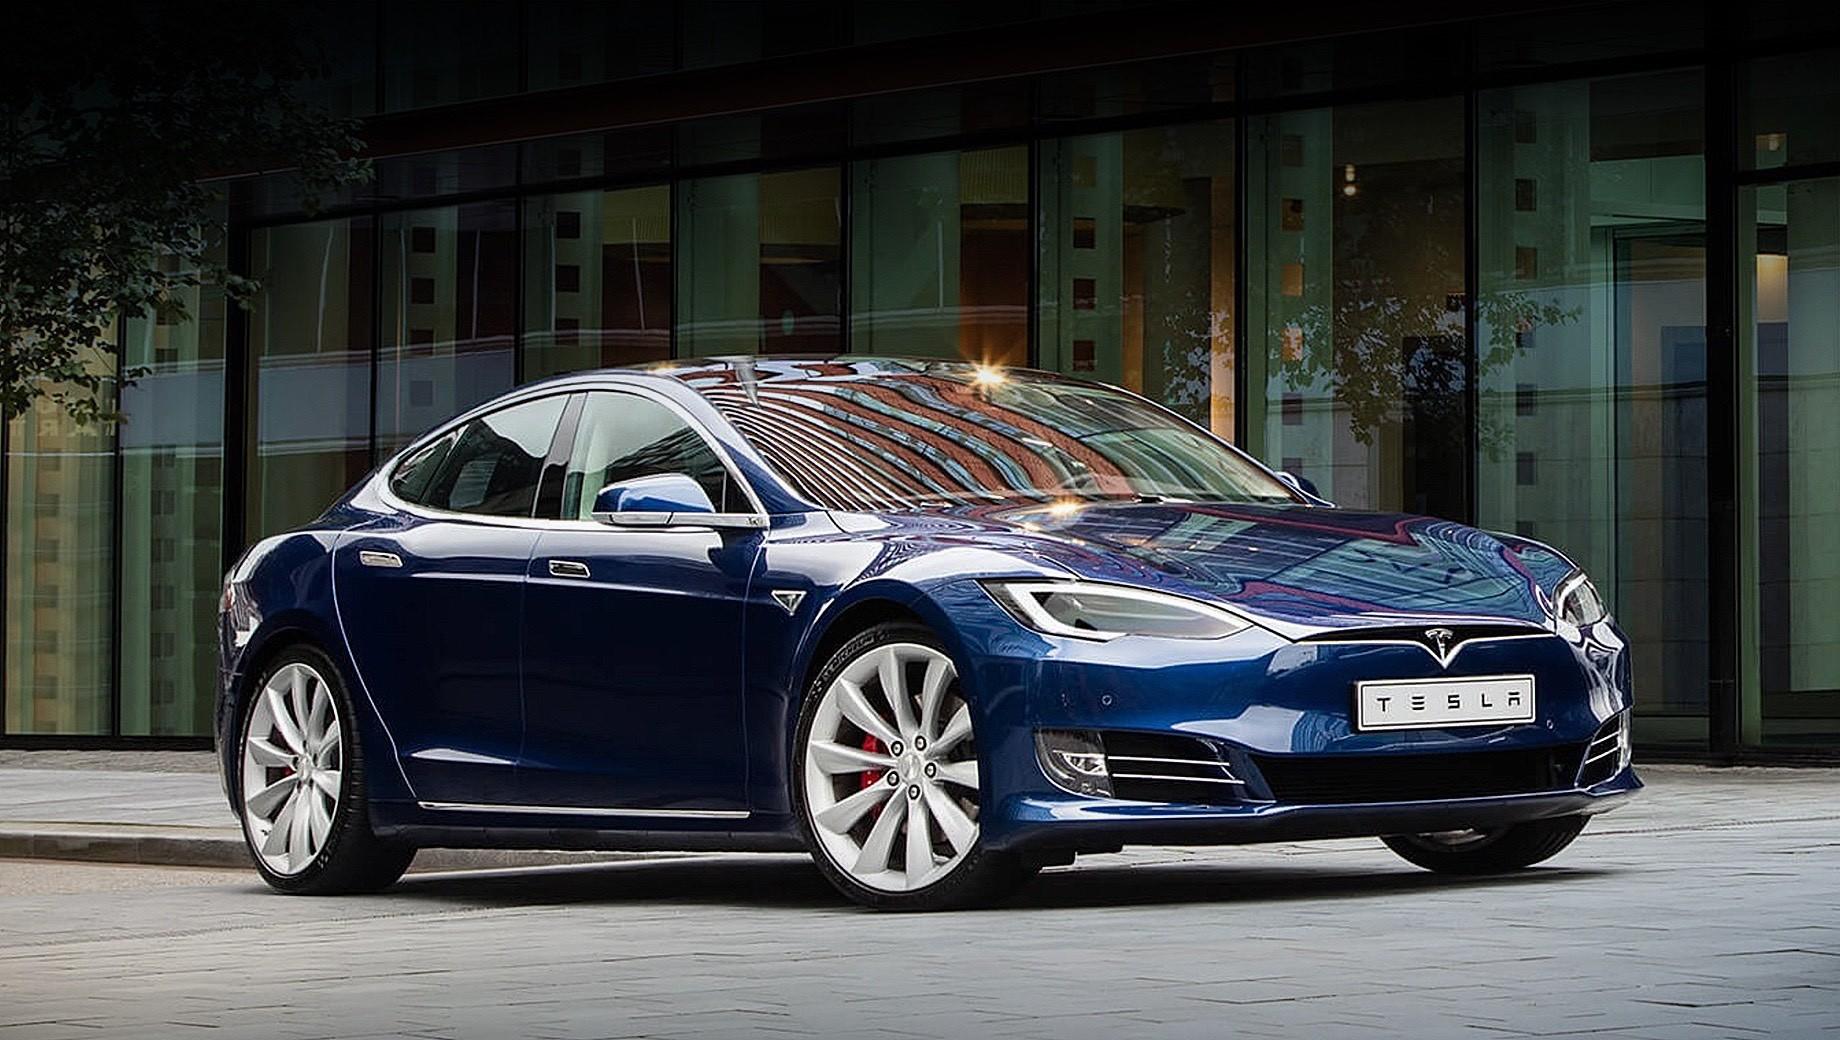 Tesla model s,Tesla model x. Модернизированный софт для пневмоподвески электрокаров Tesla Model S и Model X уже доступен для скачивания, а серьёзно переделанный автопилот будет готов через 6–10 недель. В данный момент предсерийную версию программы обкатывает Илон Маск на своём личном автомобиле.